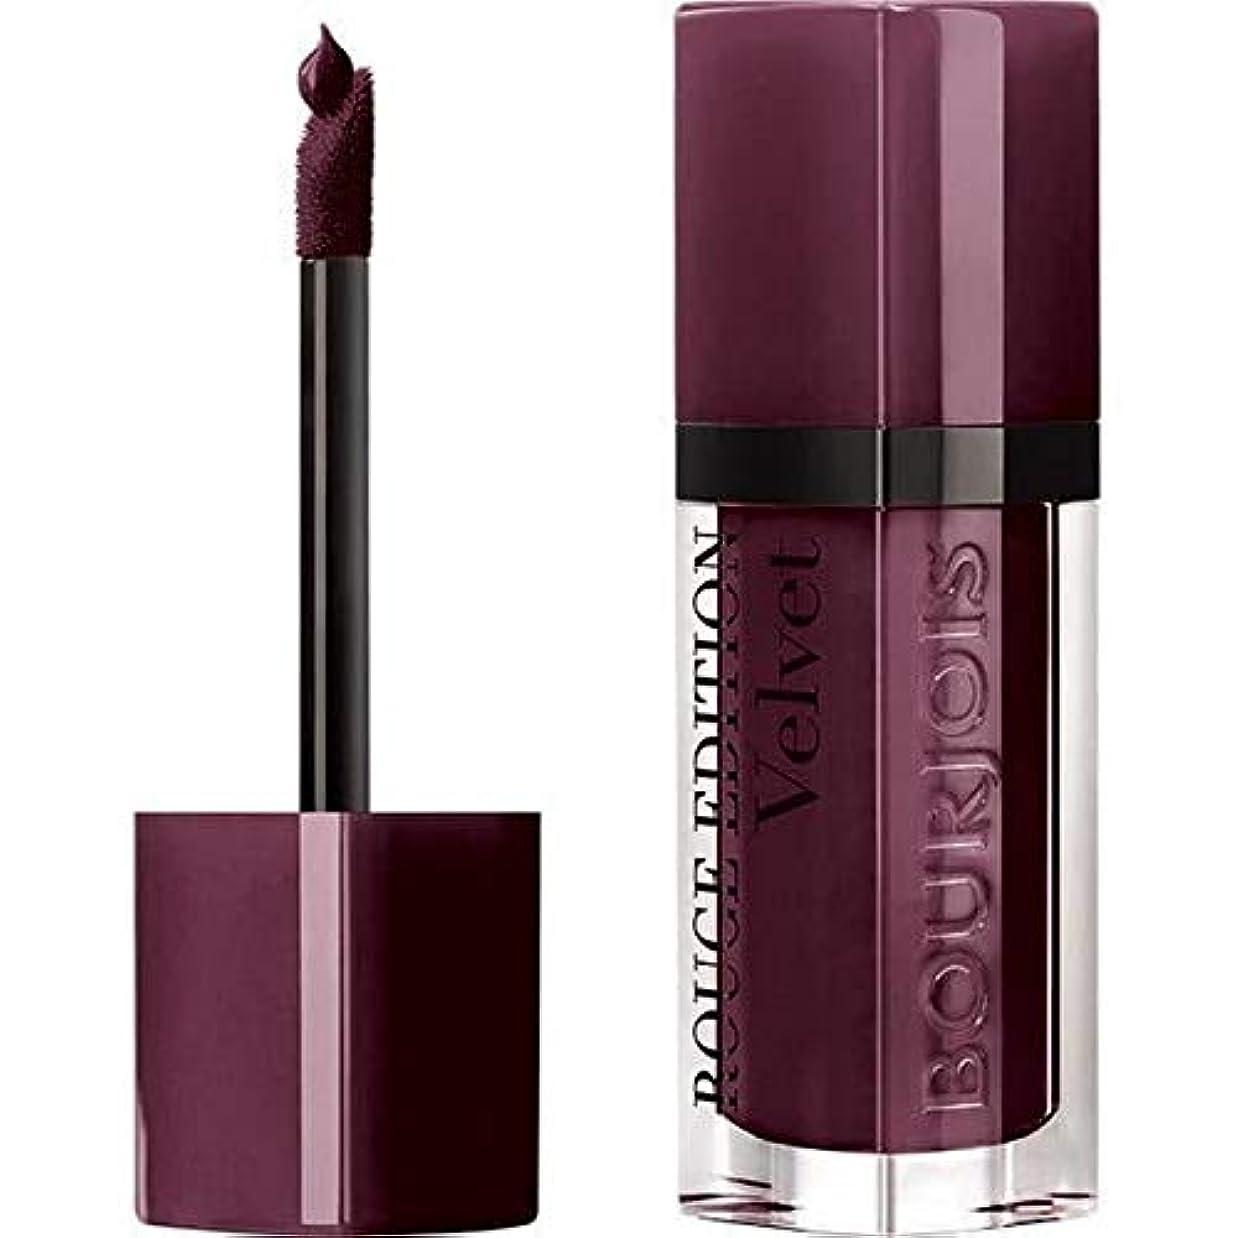 乏しい協会温室[Bourjois ] ブルジョワ口紅ルージュ版のベルベットのシックな25ベリー - Bourjois Lipstick Rouge Edition Velvet 25 Berry Chic [並行輸入品]